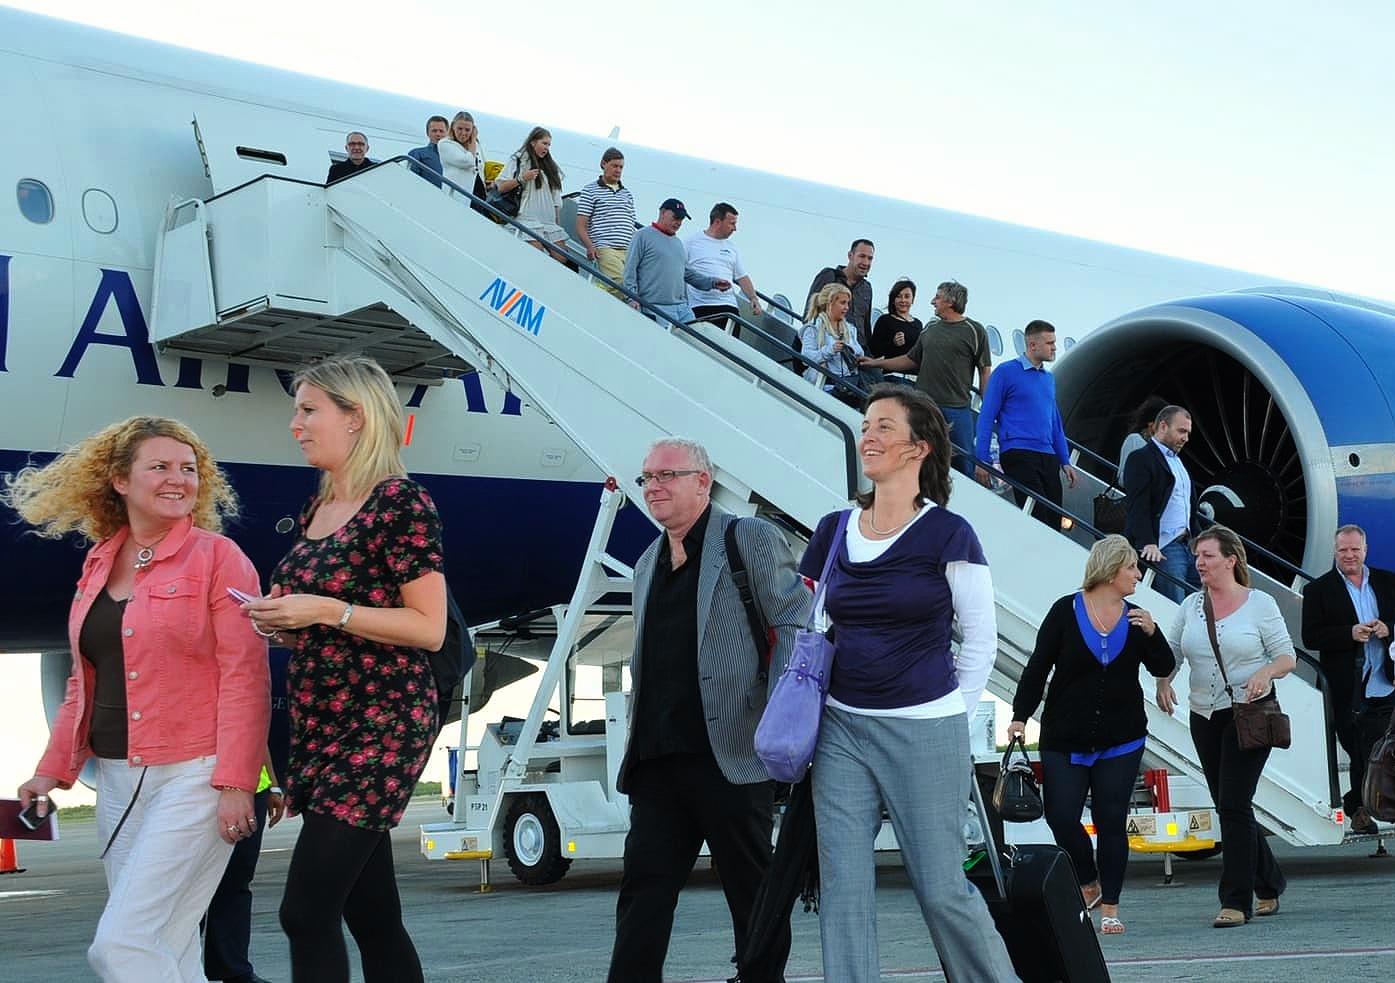 La llegada de turistas a la República Dominicana crece 4,6 %